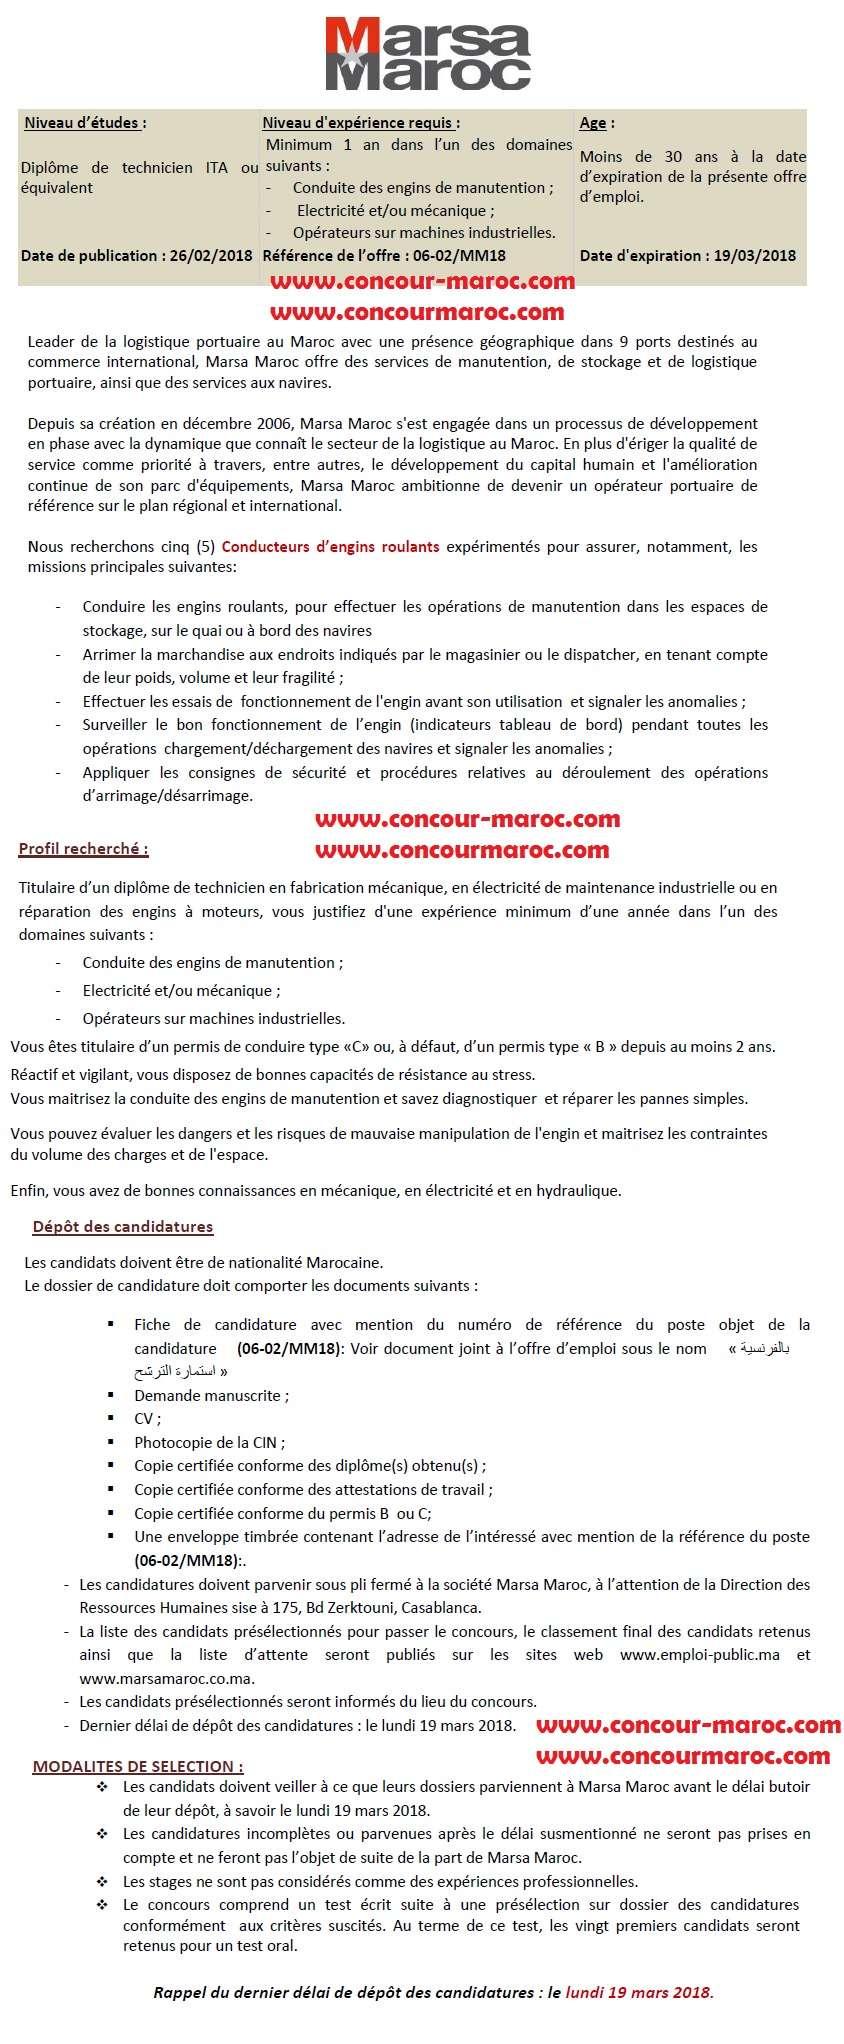 شركة استغلال الموانئ (مرسى ماروك) : مباراة لتوظيف 05 سائق اليات متحركة Conducteur engins roulants آخر أجل 19 مارس 2018 Marsa_10